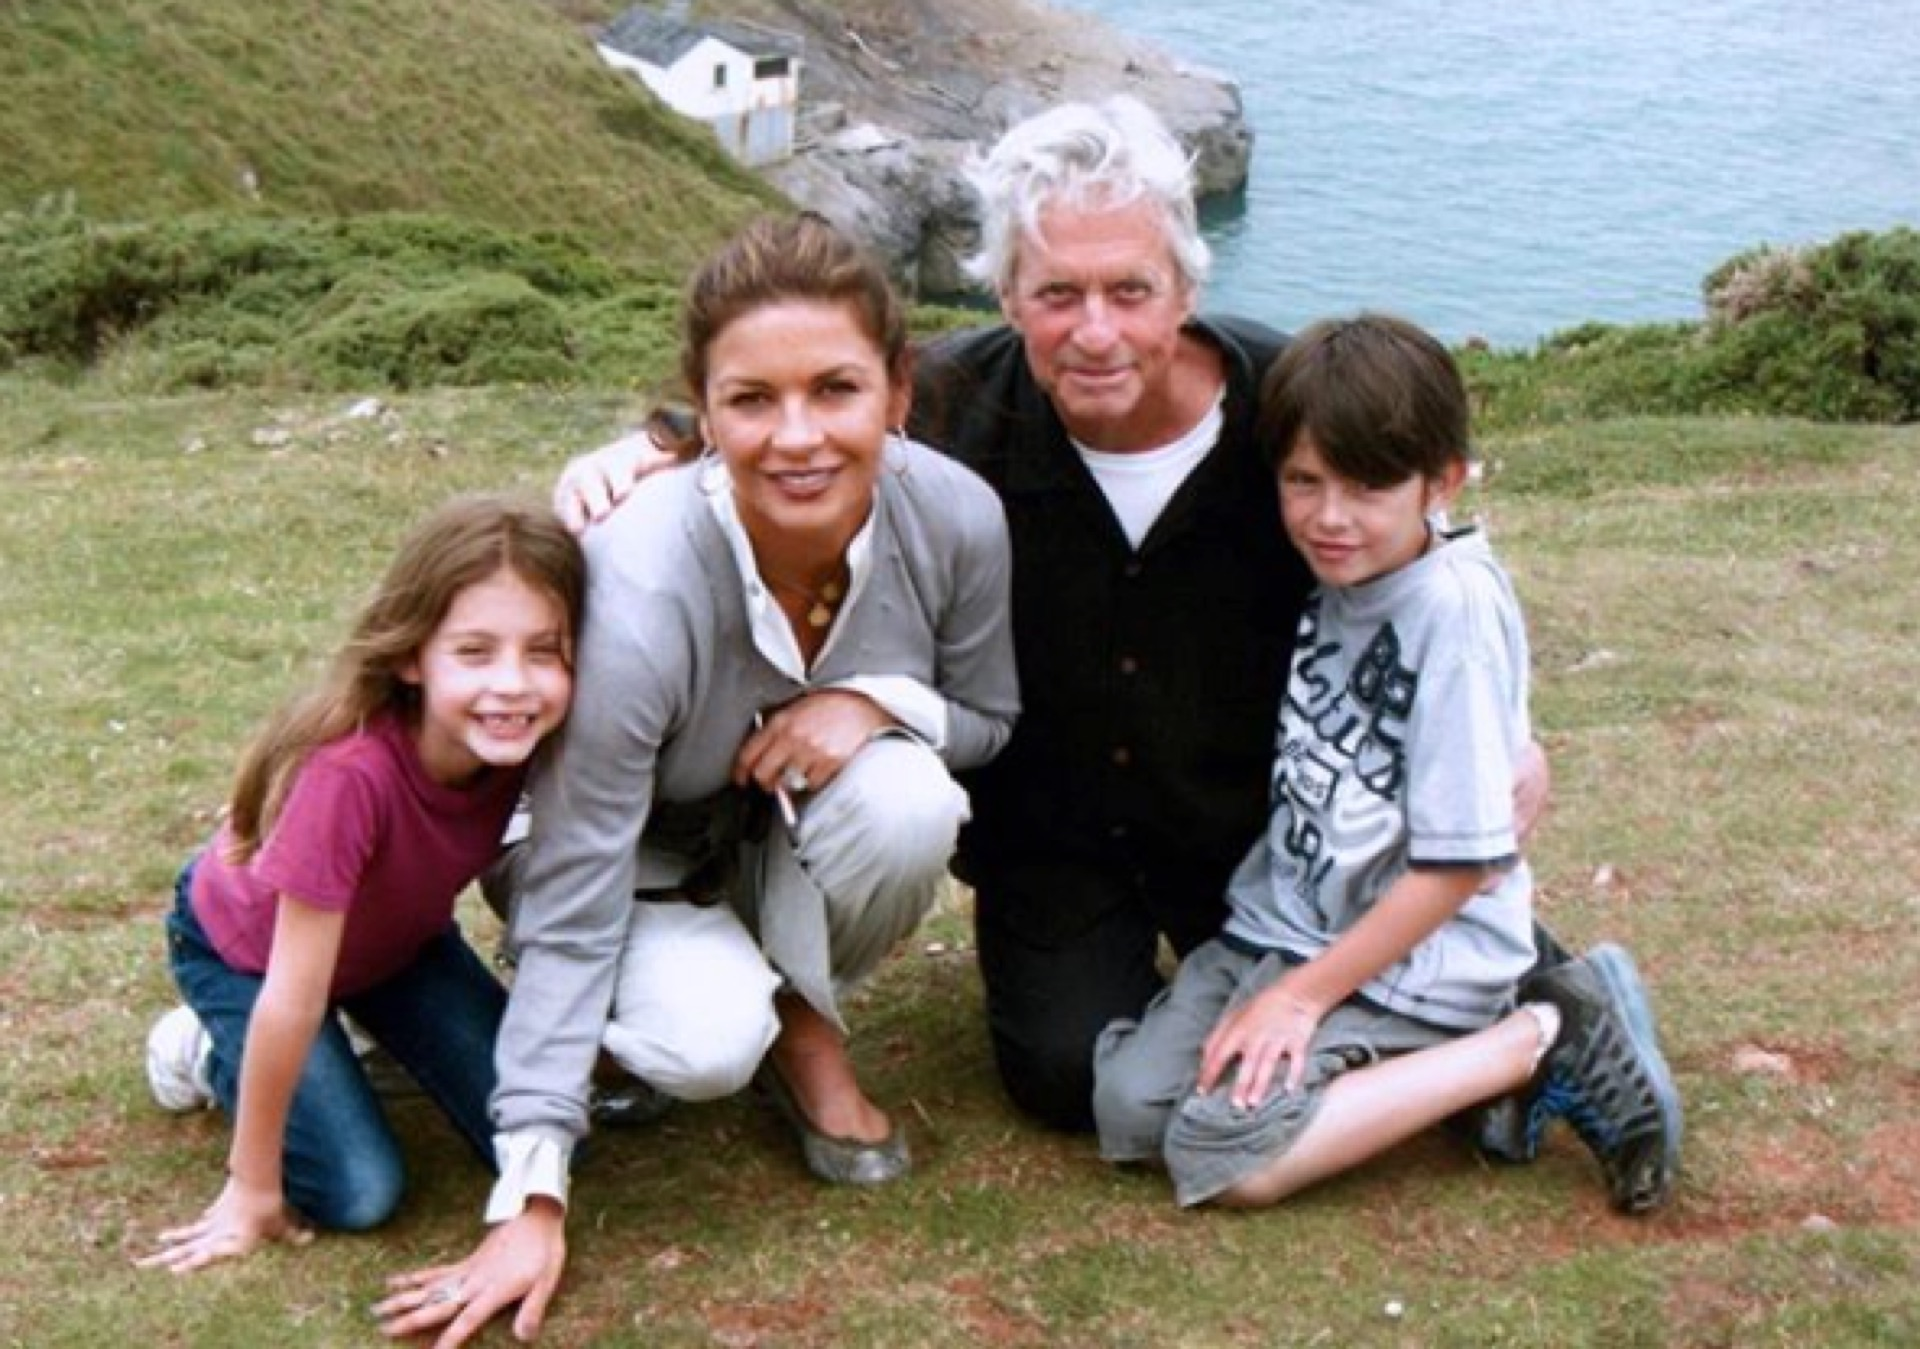 Otra foto que subió hace poco a la red social. Con Michael Douglas, cuando sus hijos eran chicos.